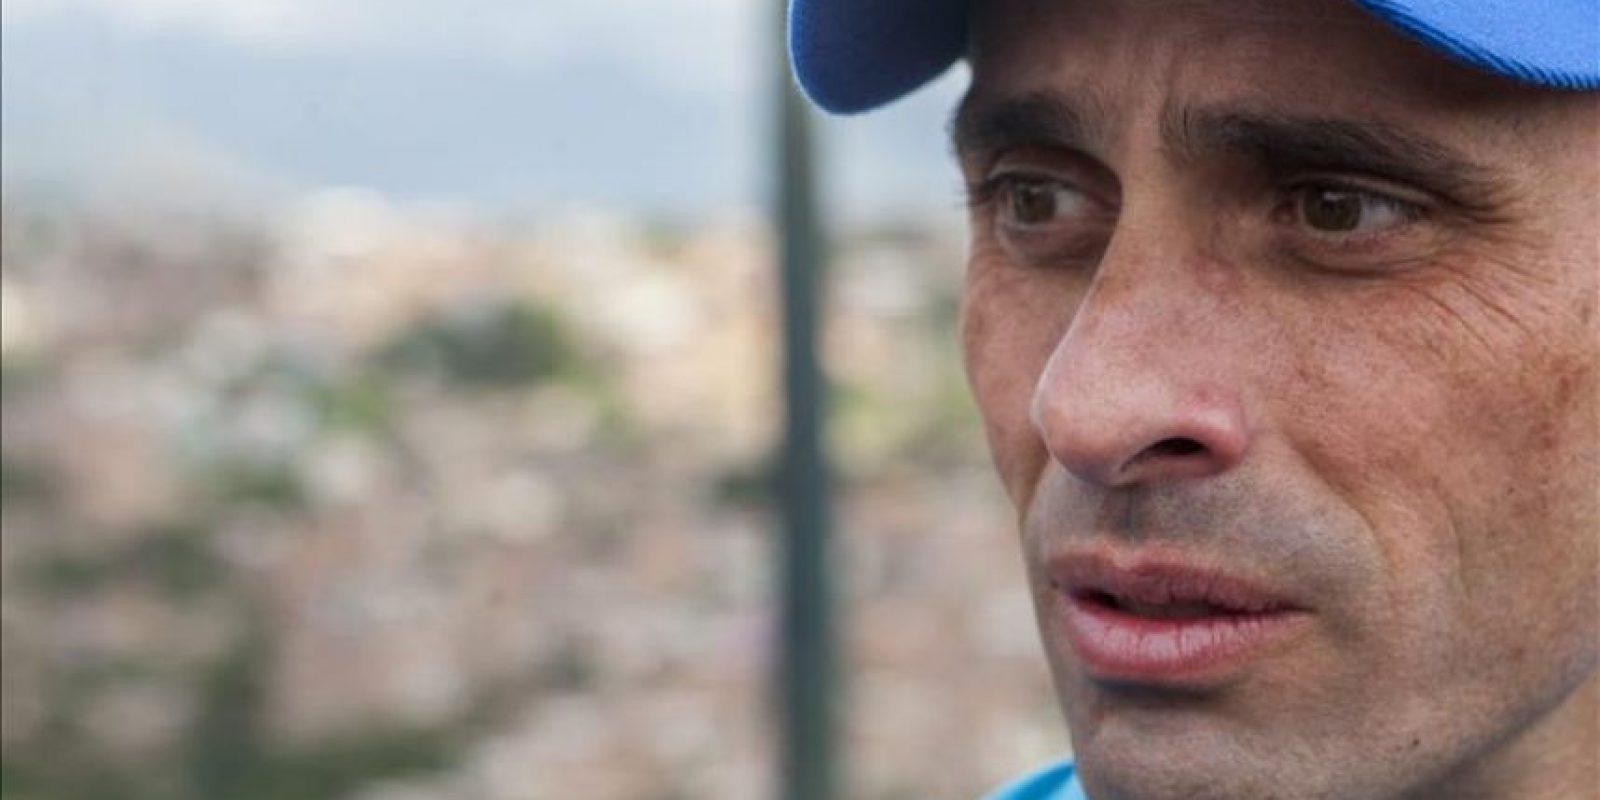 El líder de la oposición venezolana y excandidato presidencial Henrique Capriles participa en un acto de la Mesa de la Unidad Democrática (MUD) hoy, viernes 23 de enero del 2015, en un barrio de Petare en Caracas (Venezuela). EFE